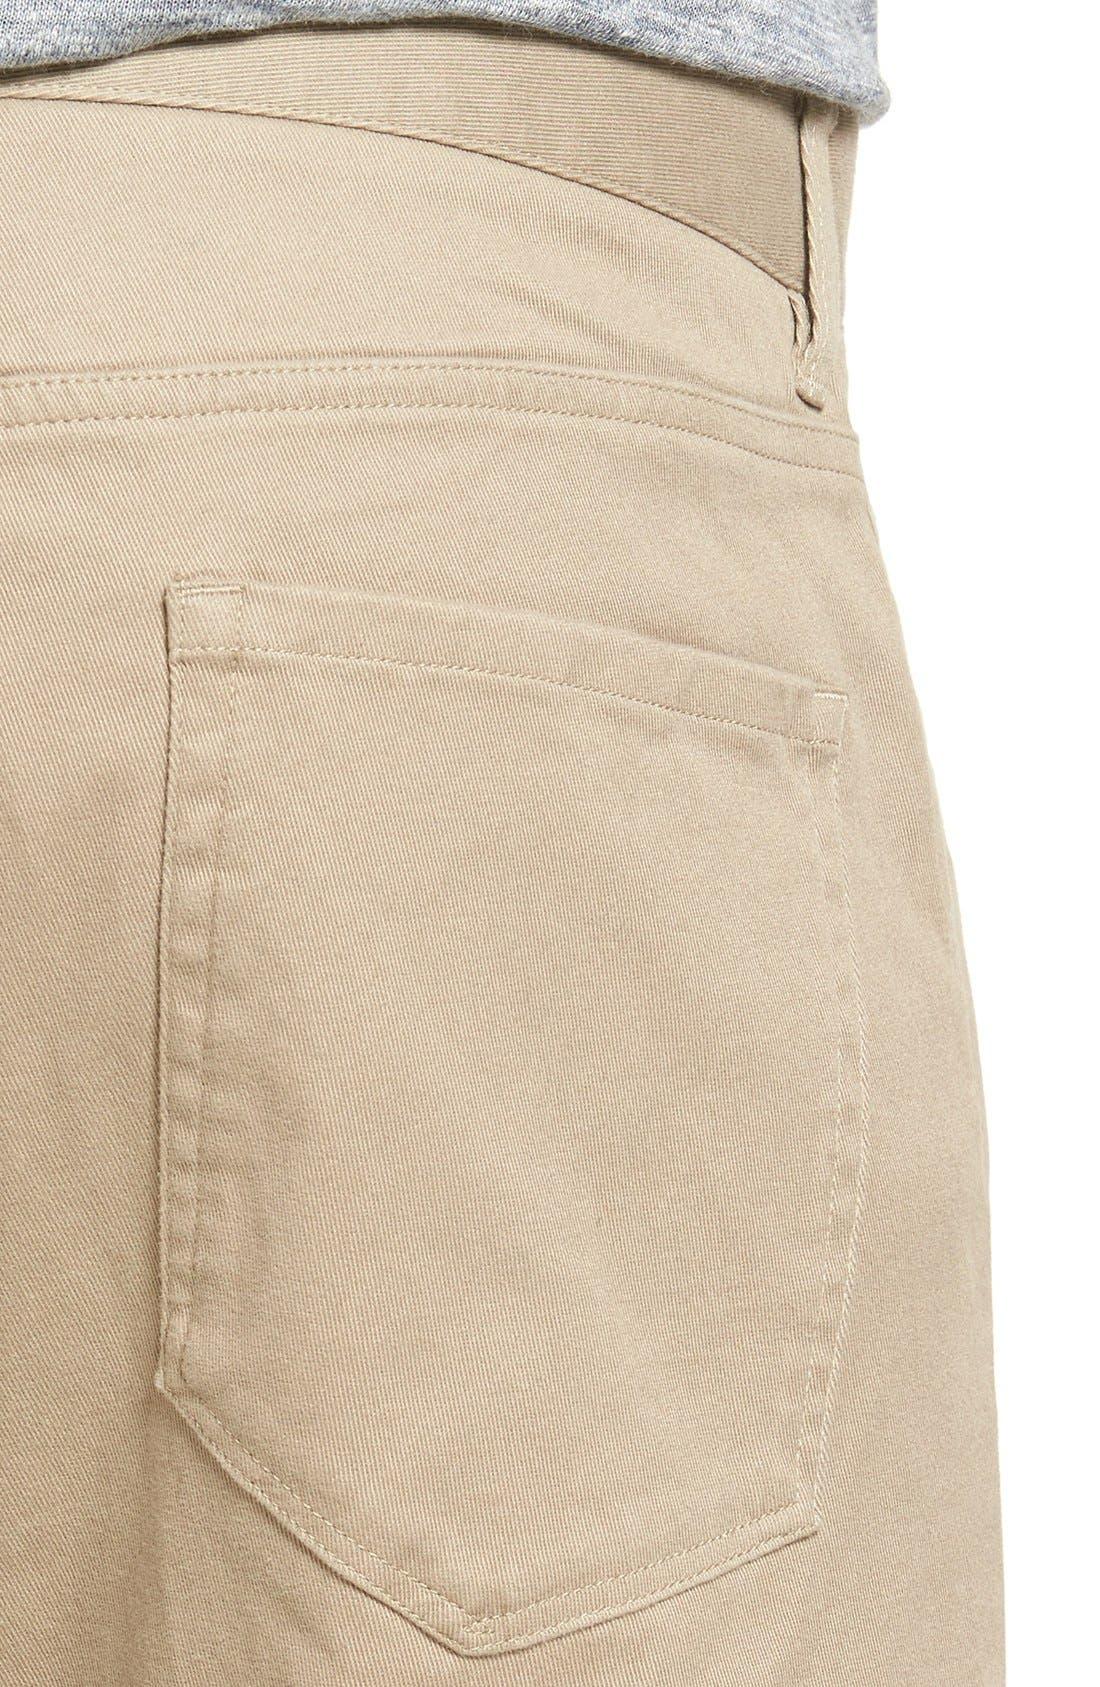 Soho Slim Fit Five-Pocket Pants,                             Alternate thumbnail 4, color,                             Khaki